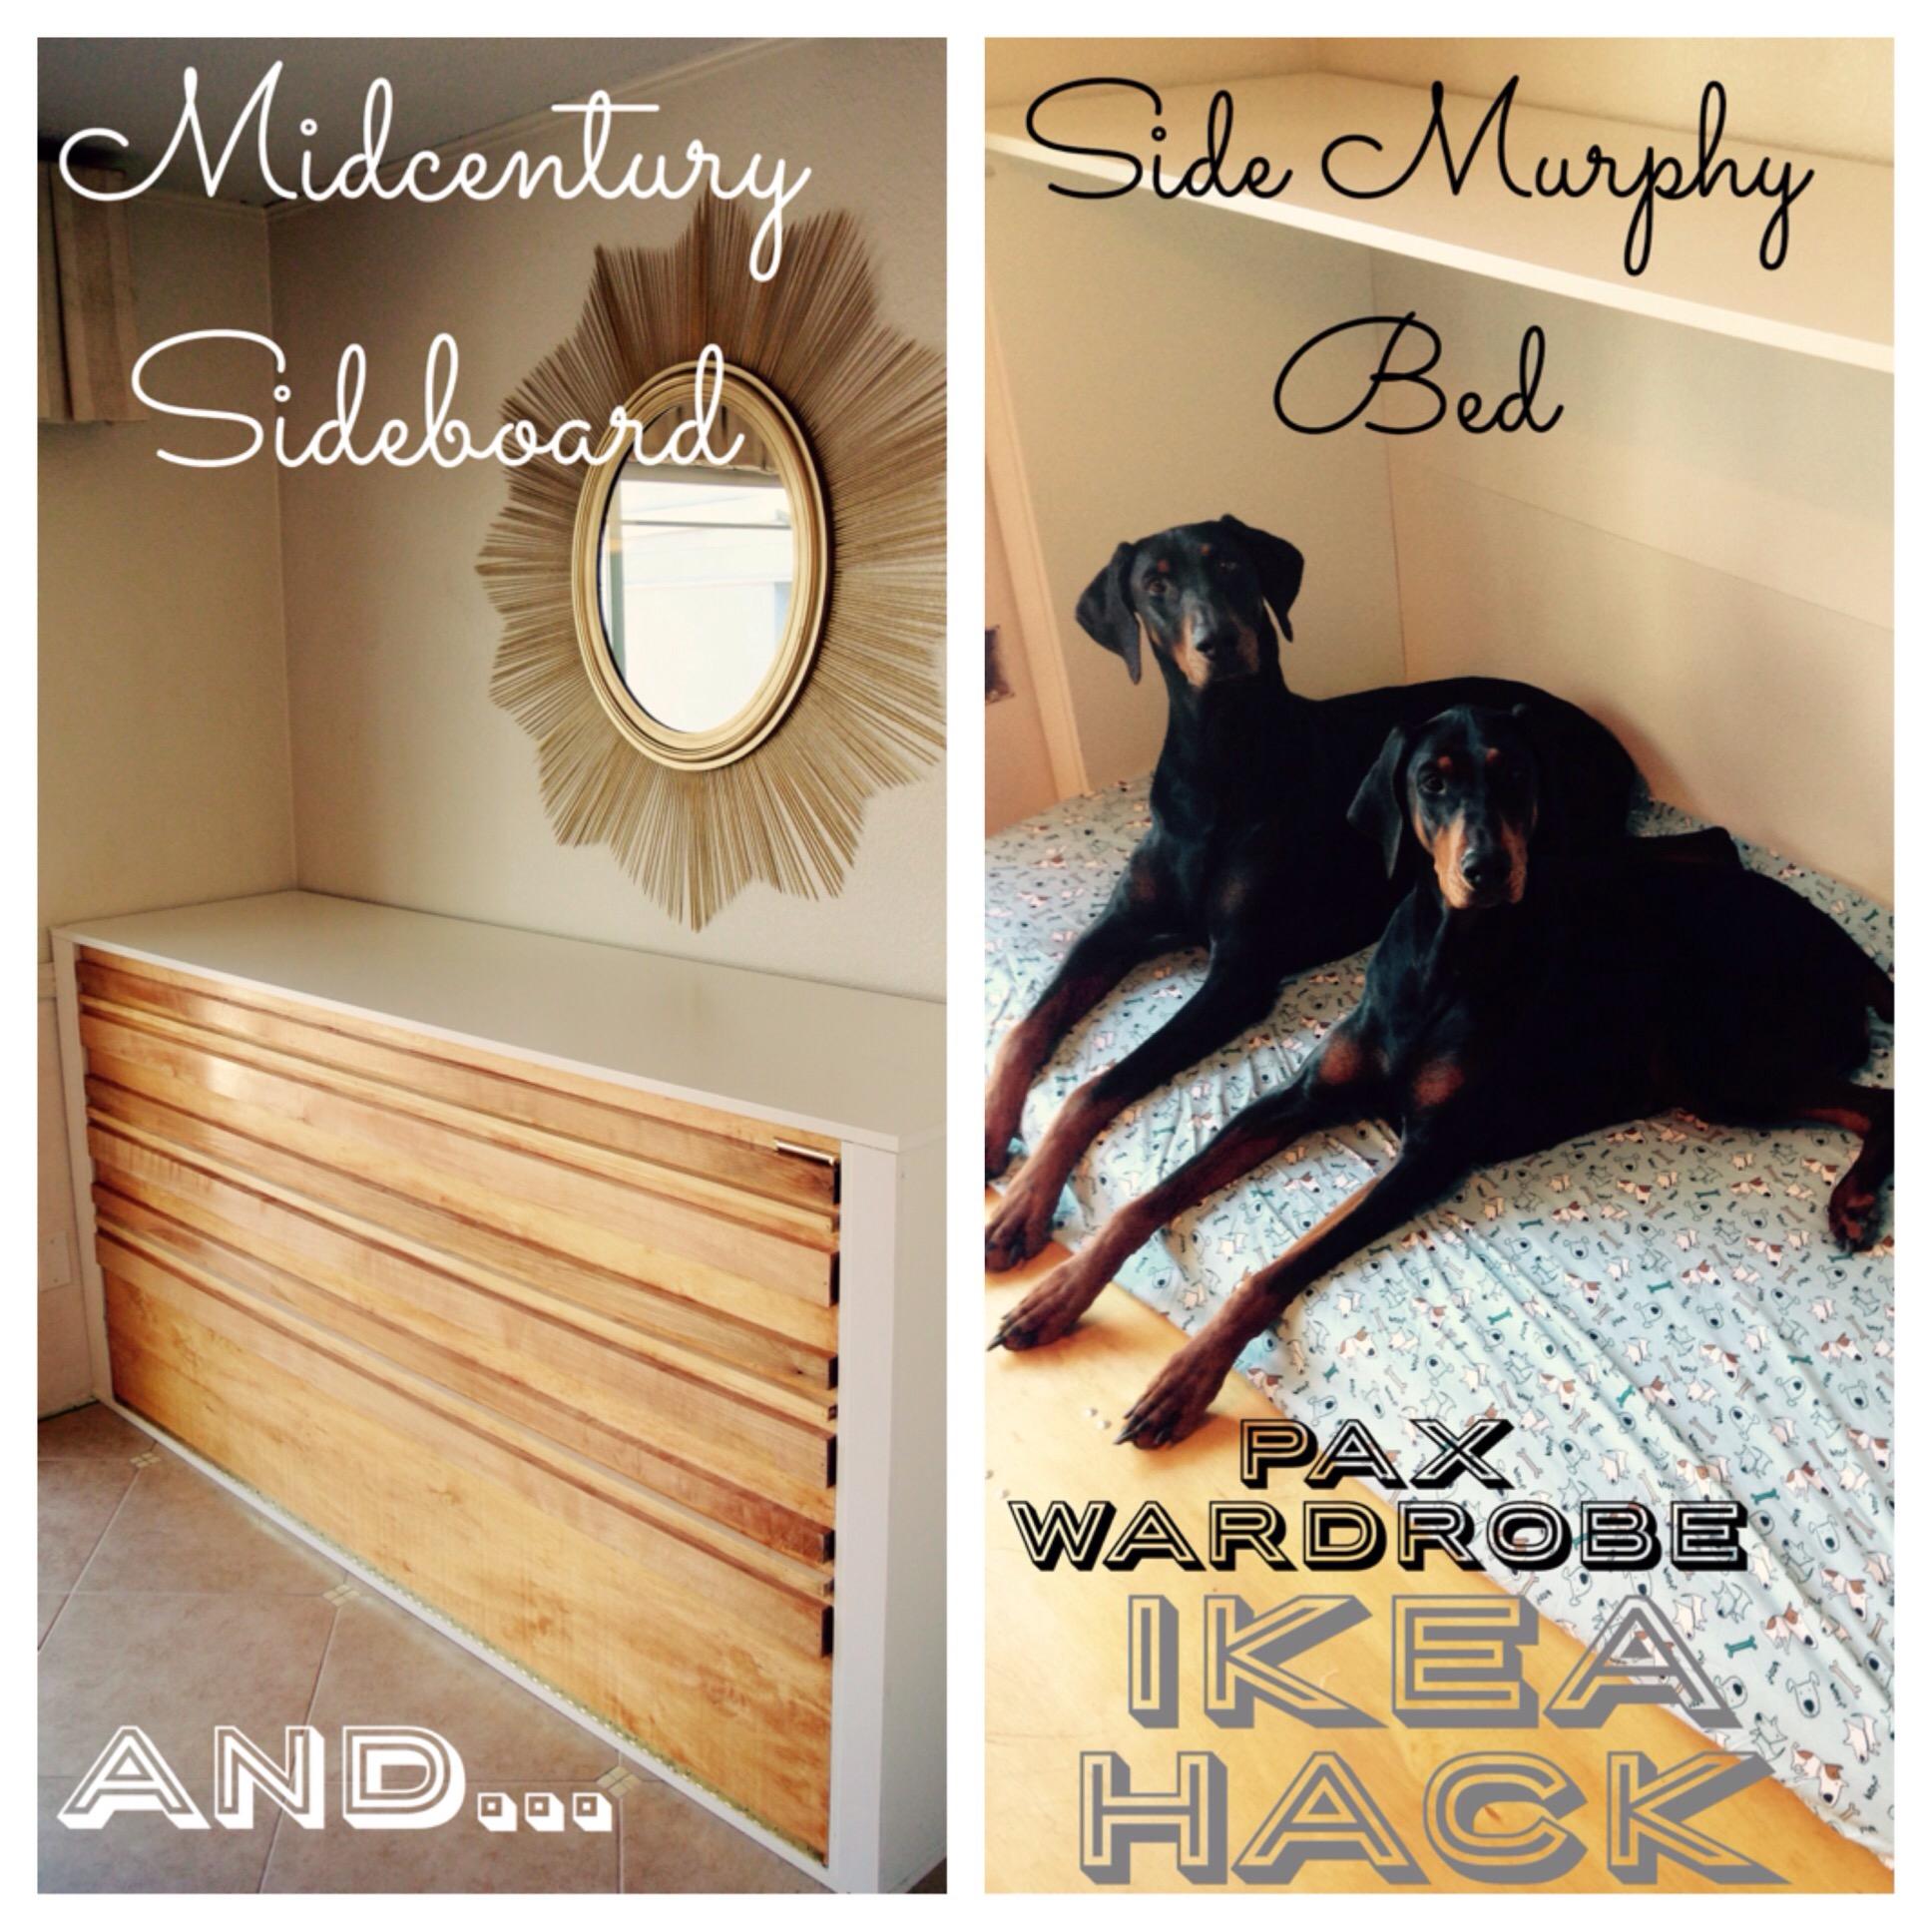 Ikea Hack! SIDE MURPHY BED /dog bedAgain